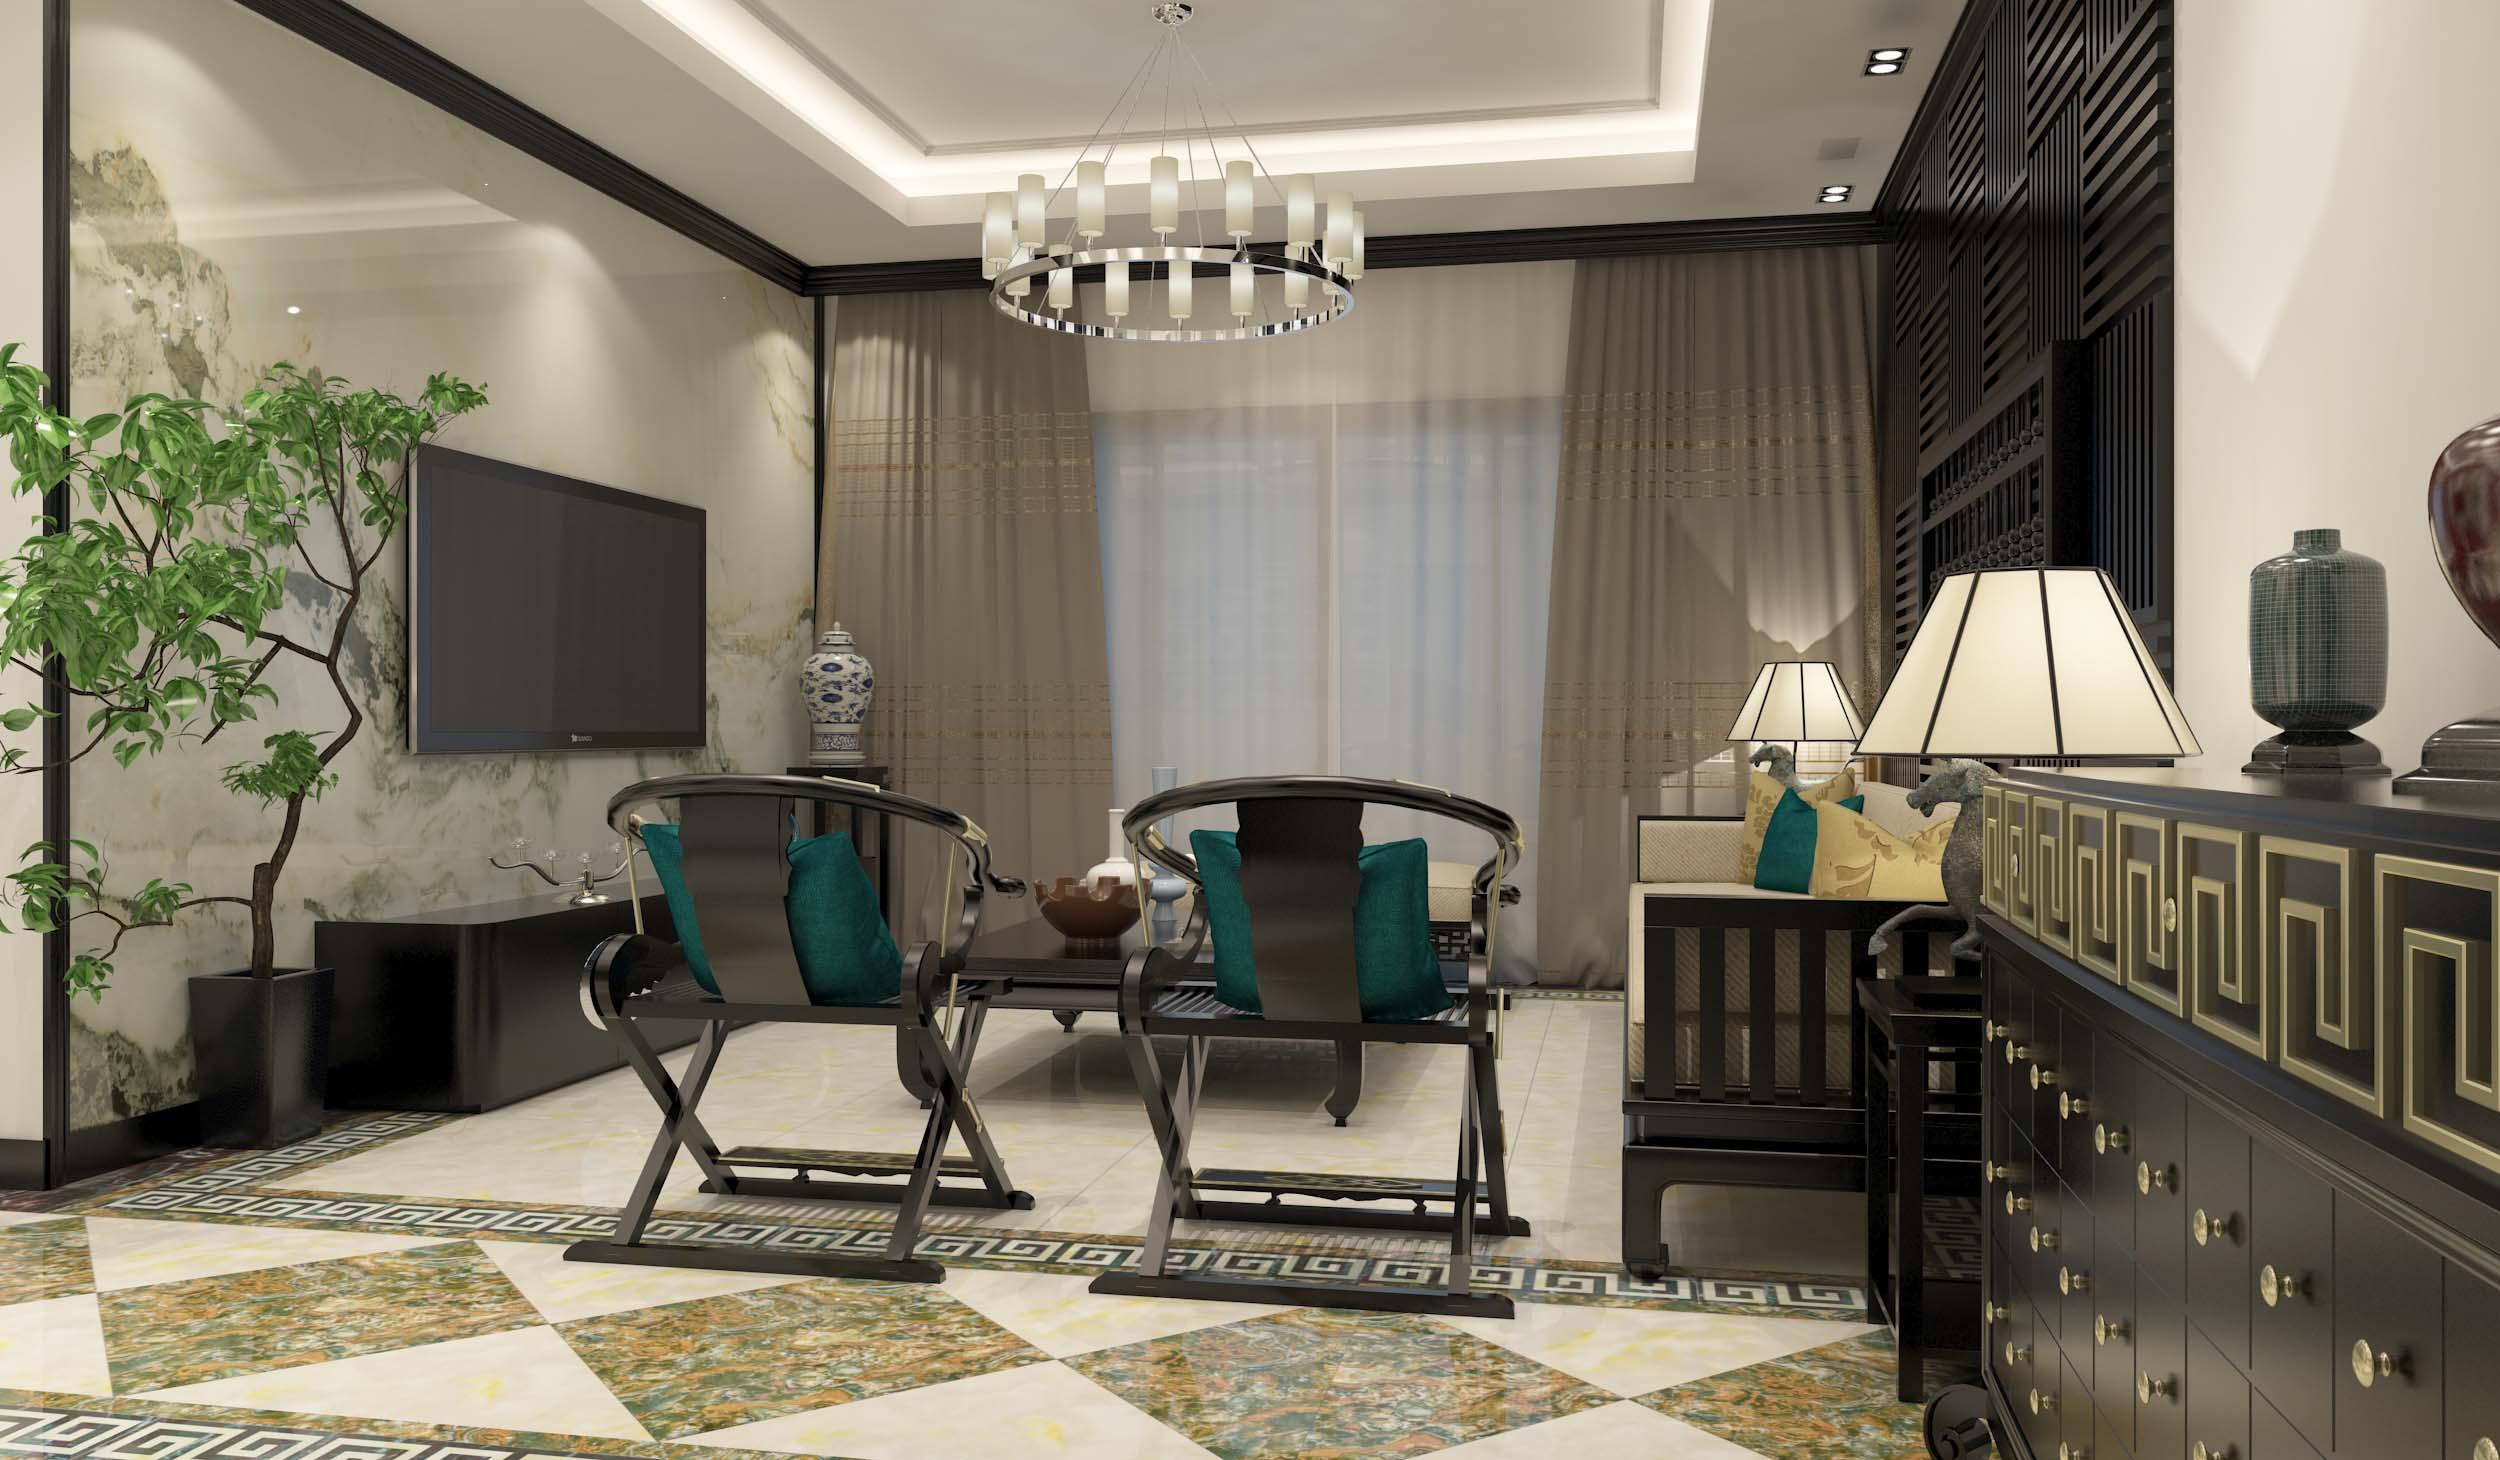 新中式 瓷磚 客廳裝修效果圖2015